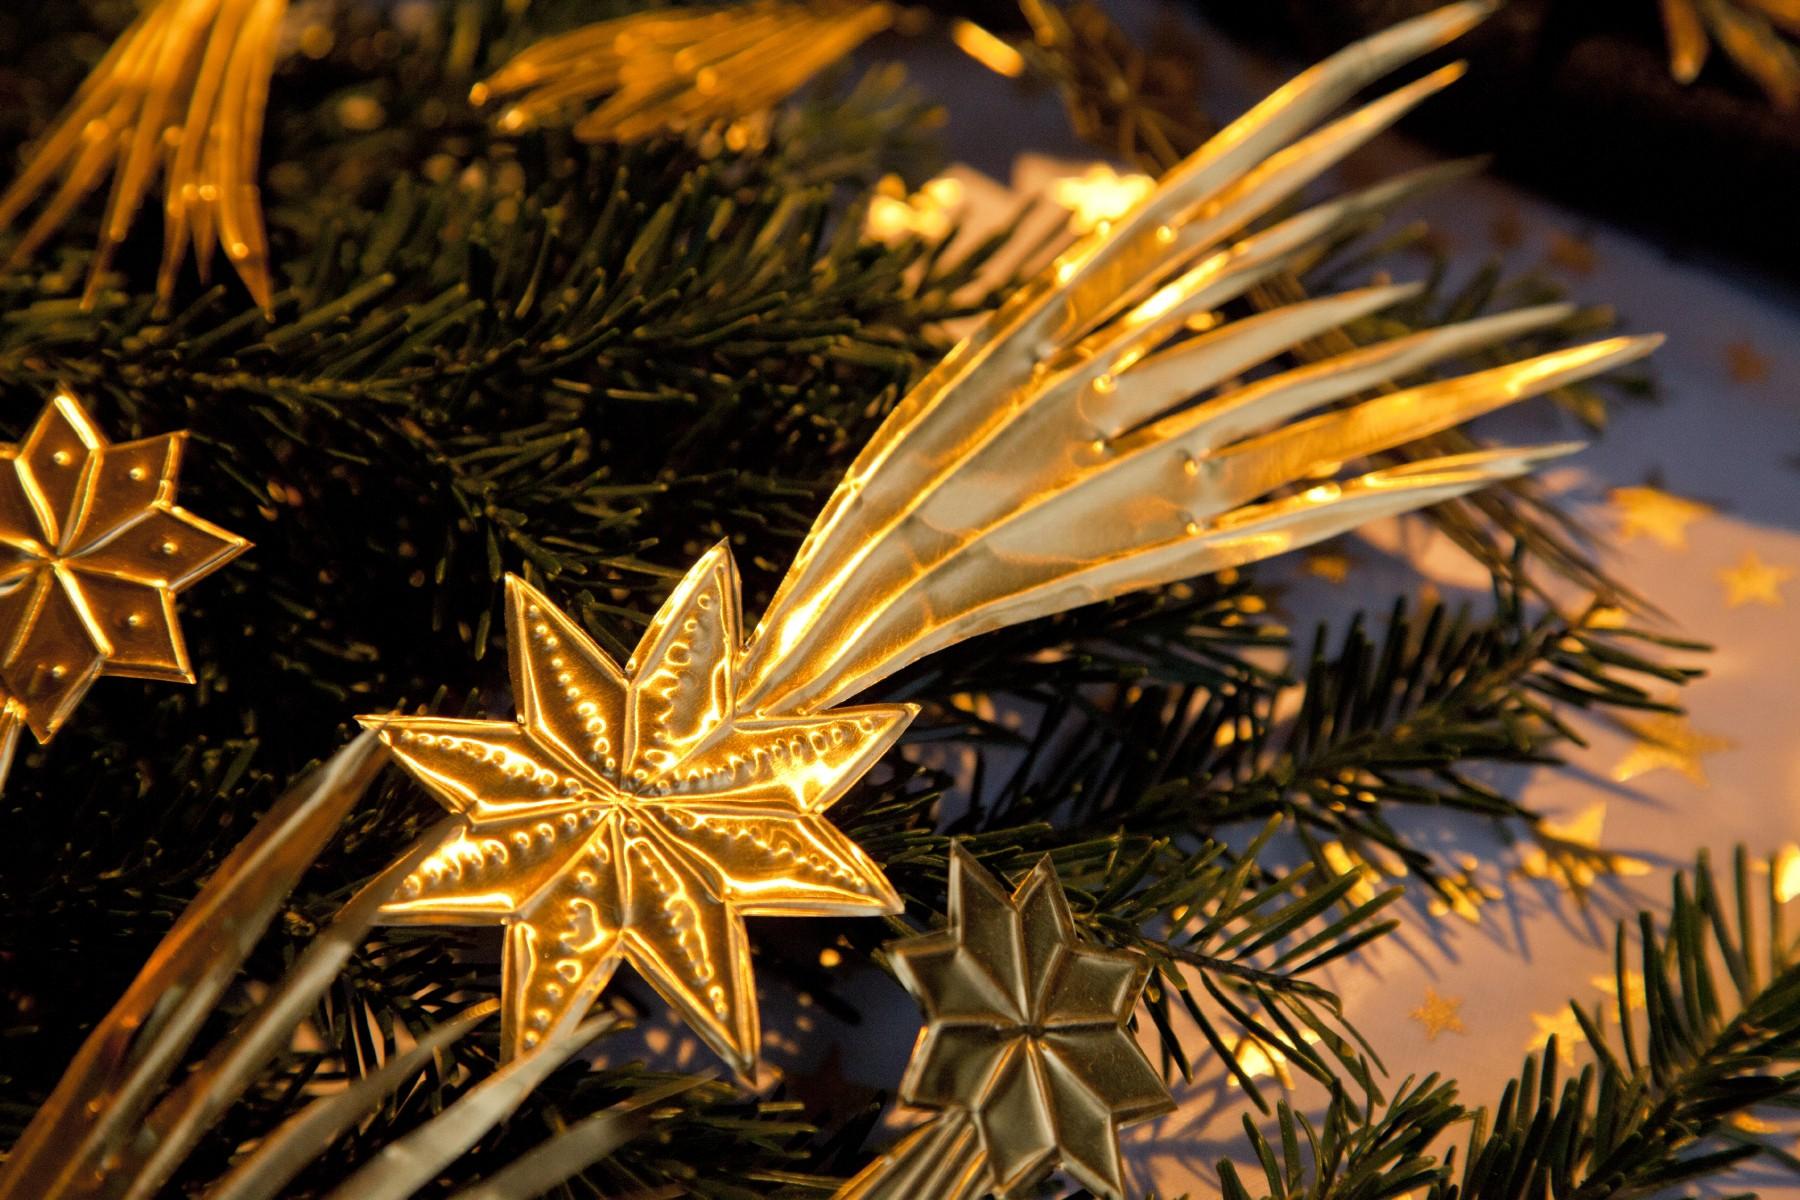 strohsterne-sterne-advent-weihnachten-christkindlmarkt-zweige.jpg